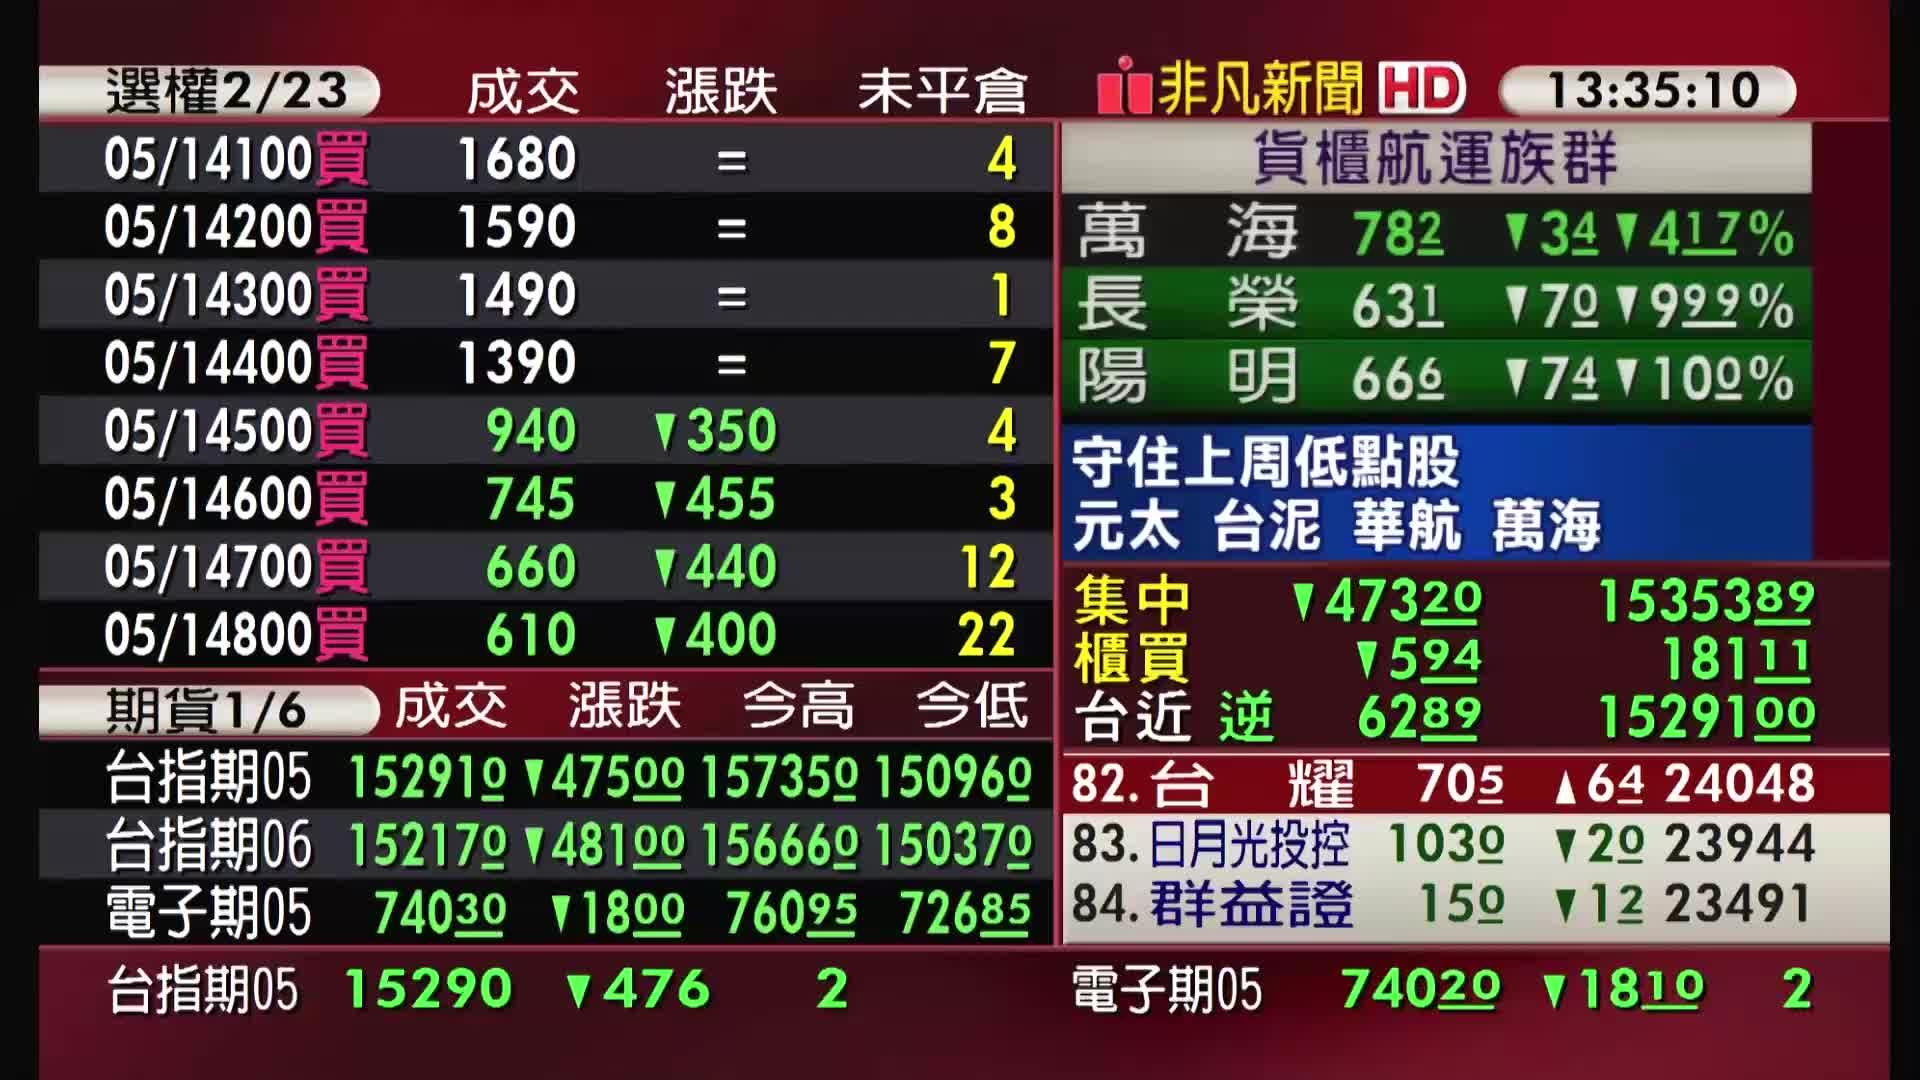 5分鐘看台股/2021/05/17收盤最前線